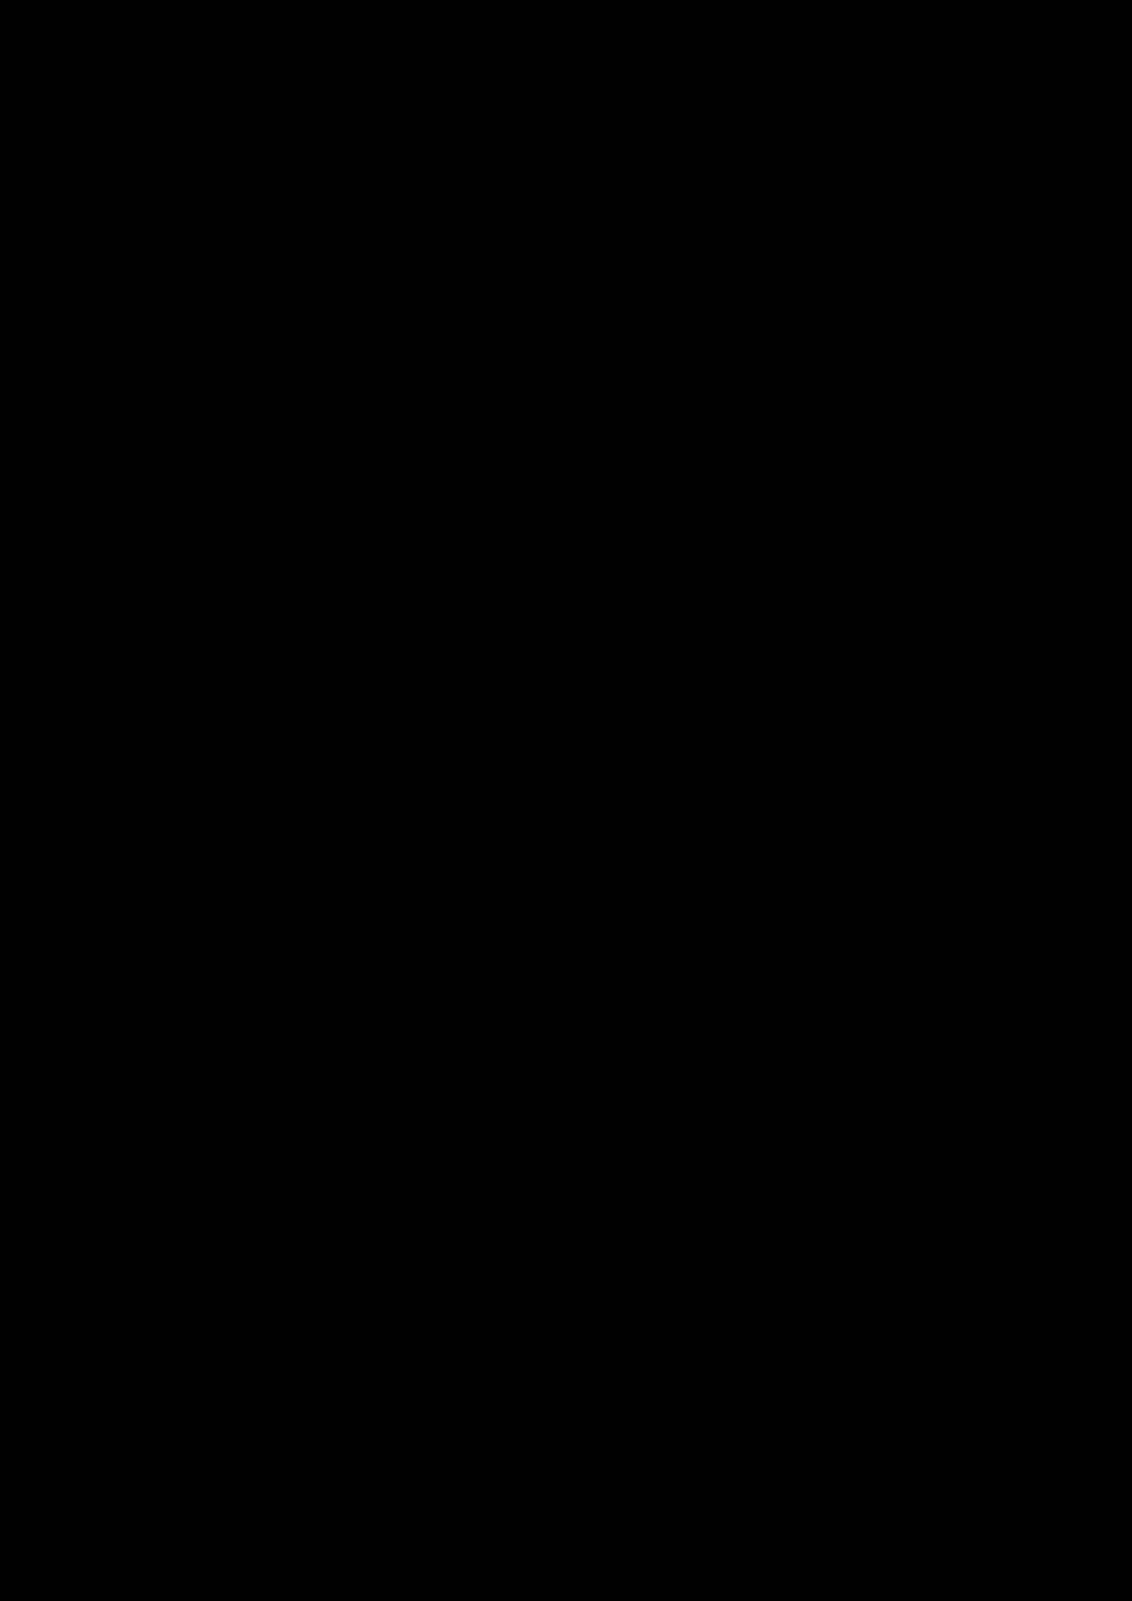 Vyibor Est slide, Image 66